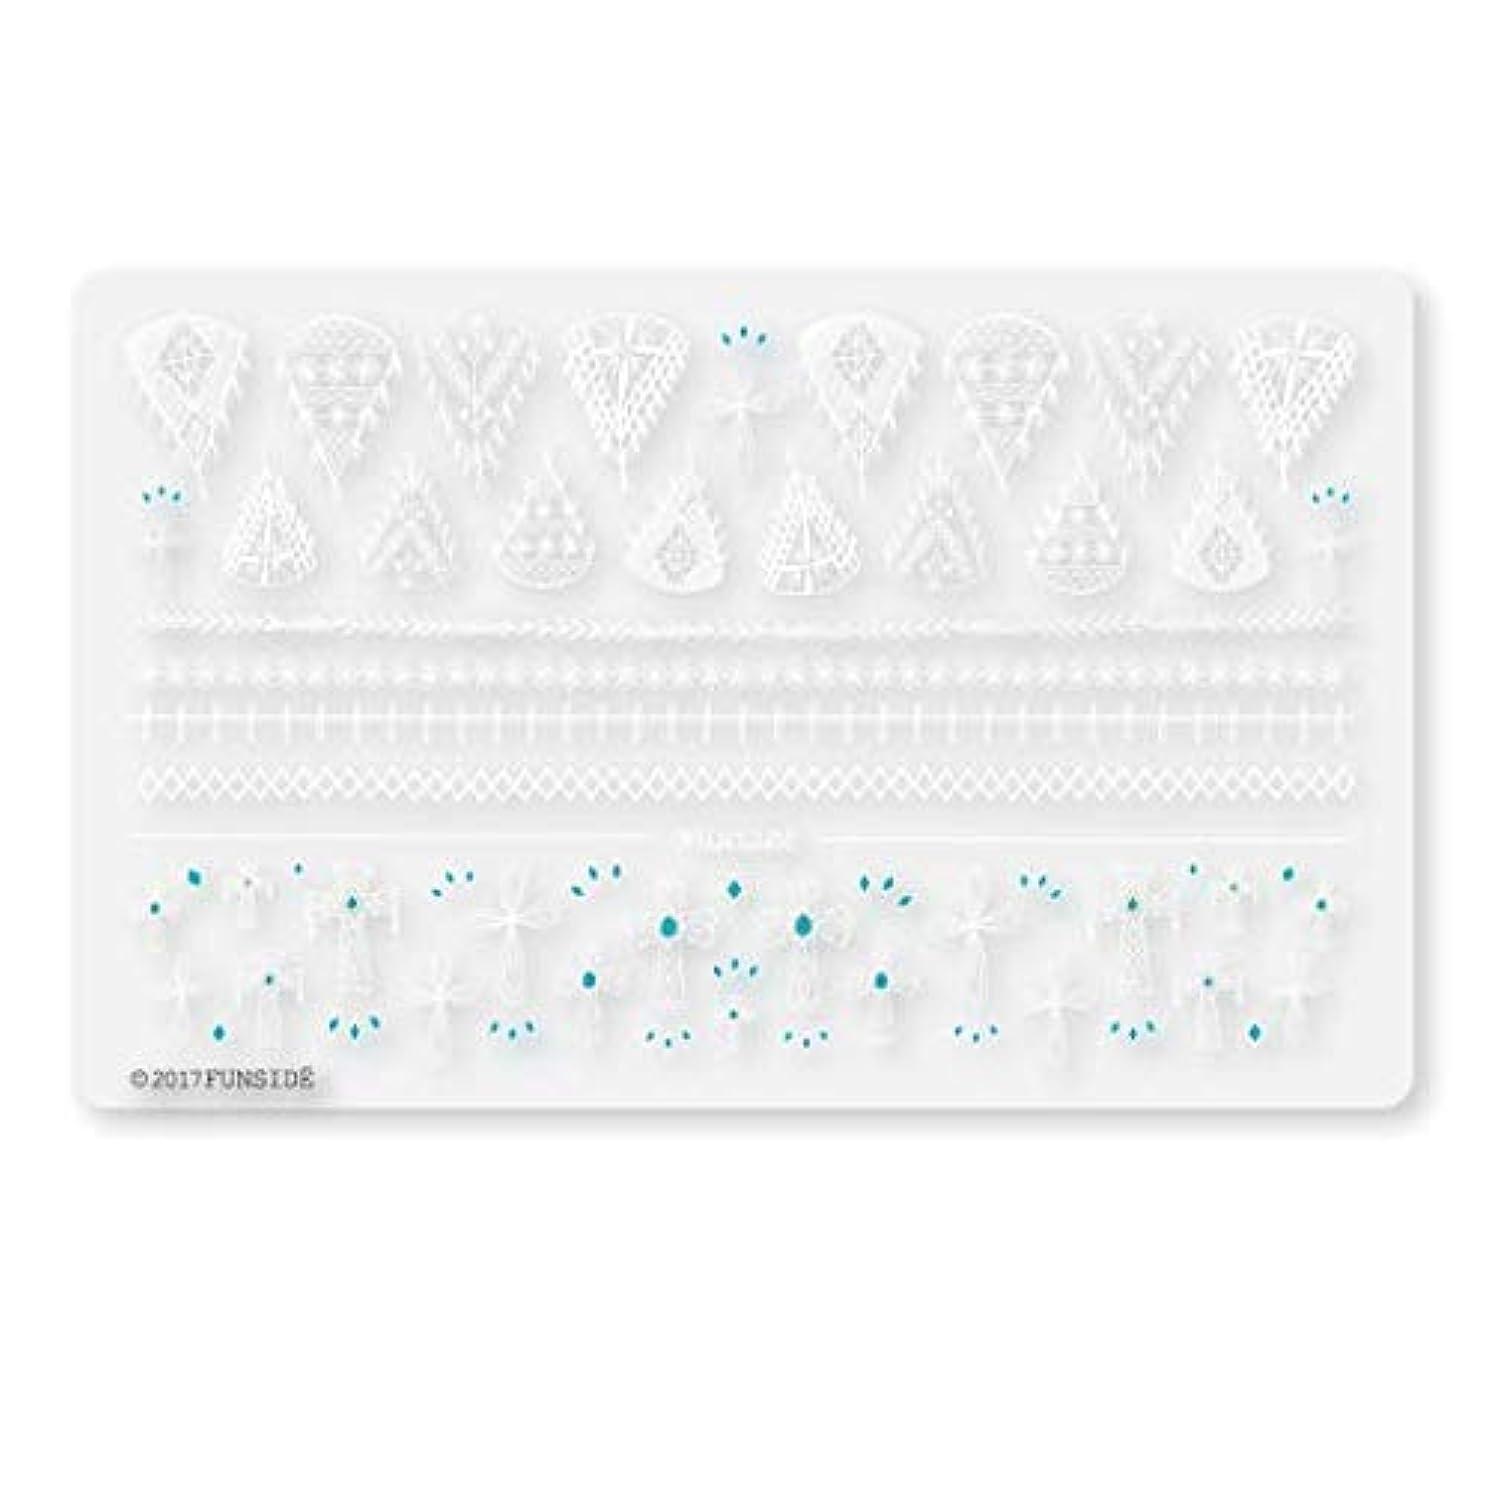 責める温帯再生可能未硬化ジェル対応 Crochet + クロシェクロス ネイルシール ネイルステッカー クロッシェ クロス エスニック ボヘミアン 貼りやすい 貼るだけ 極薄シート 日本製